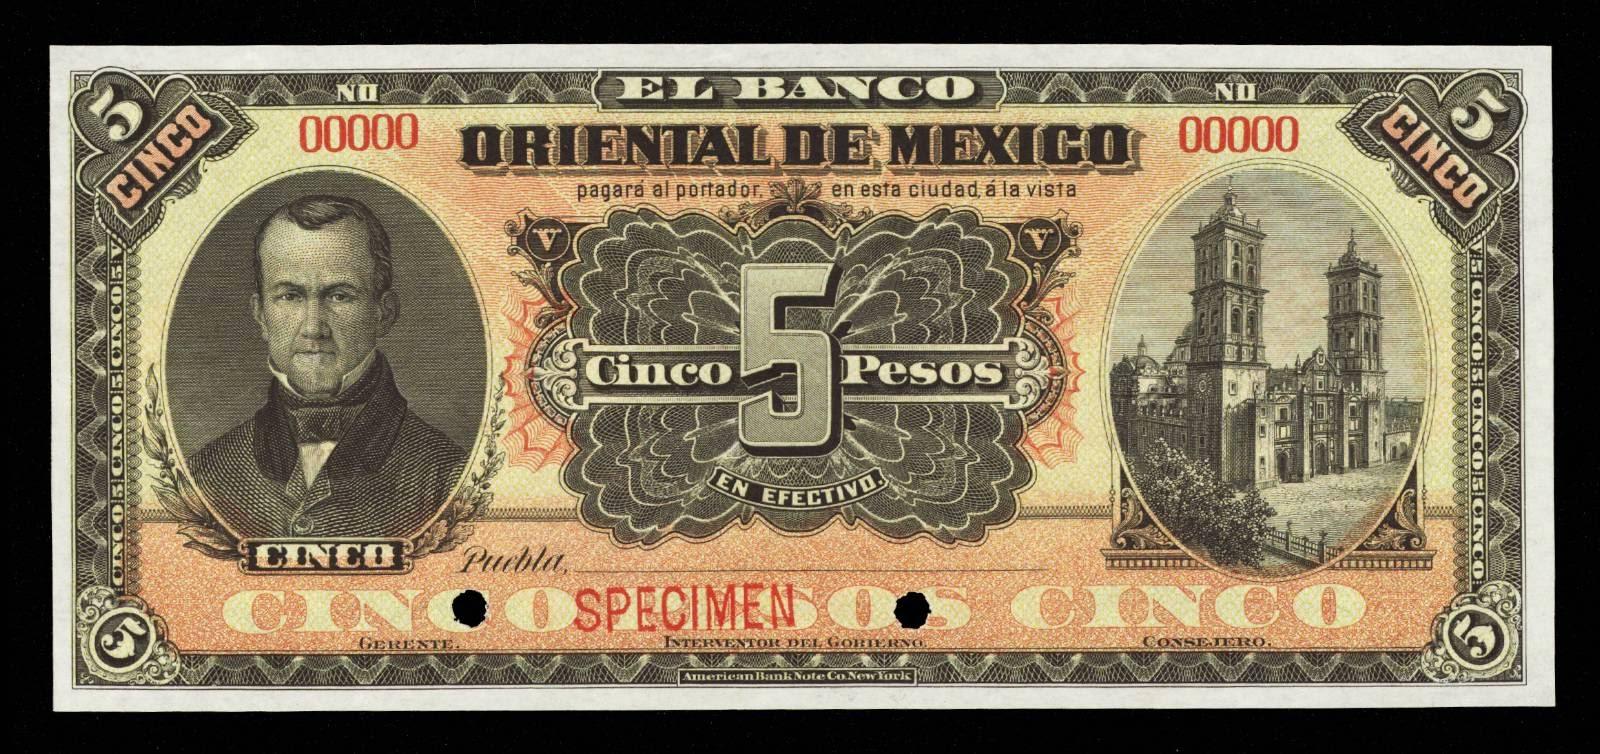 Mexico banknotes 5 Pesos note Banco Oriental De Mexico, Esteban de Antunano, Cathedral of Puebla